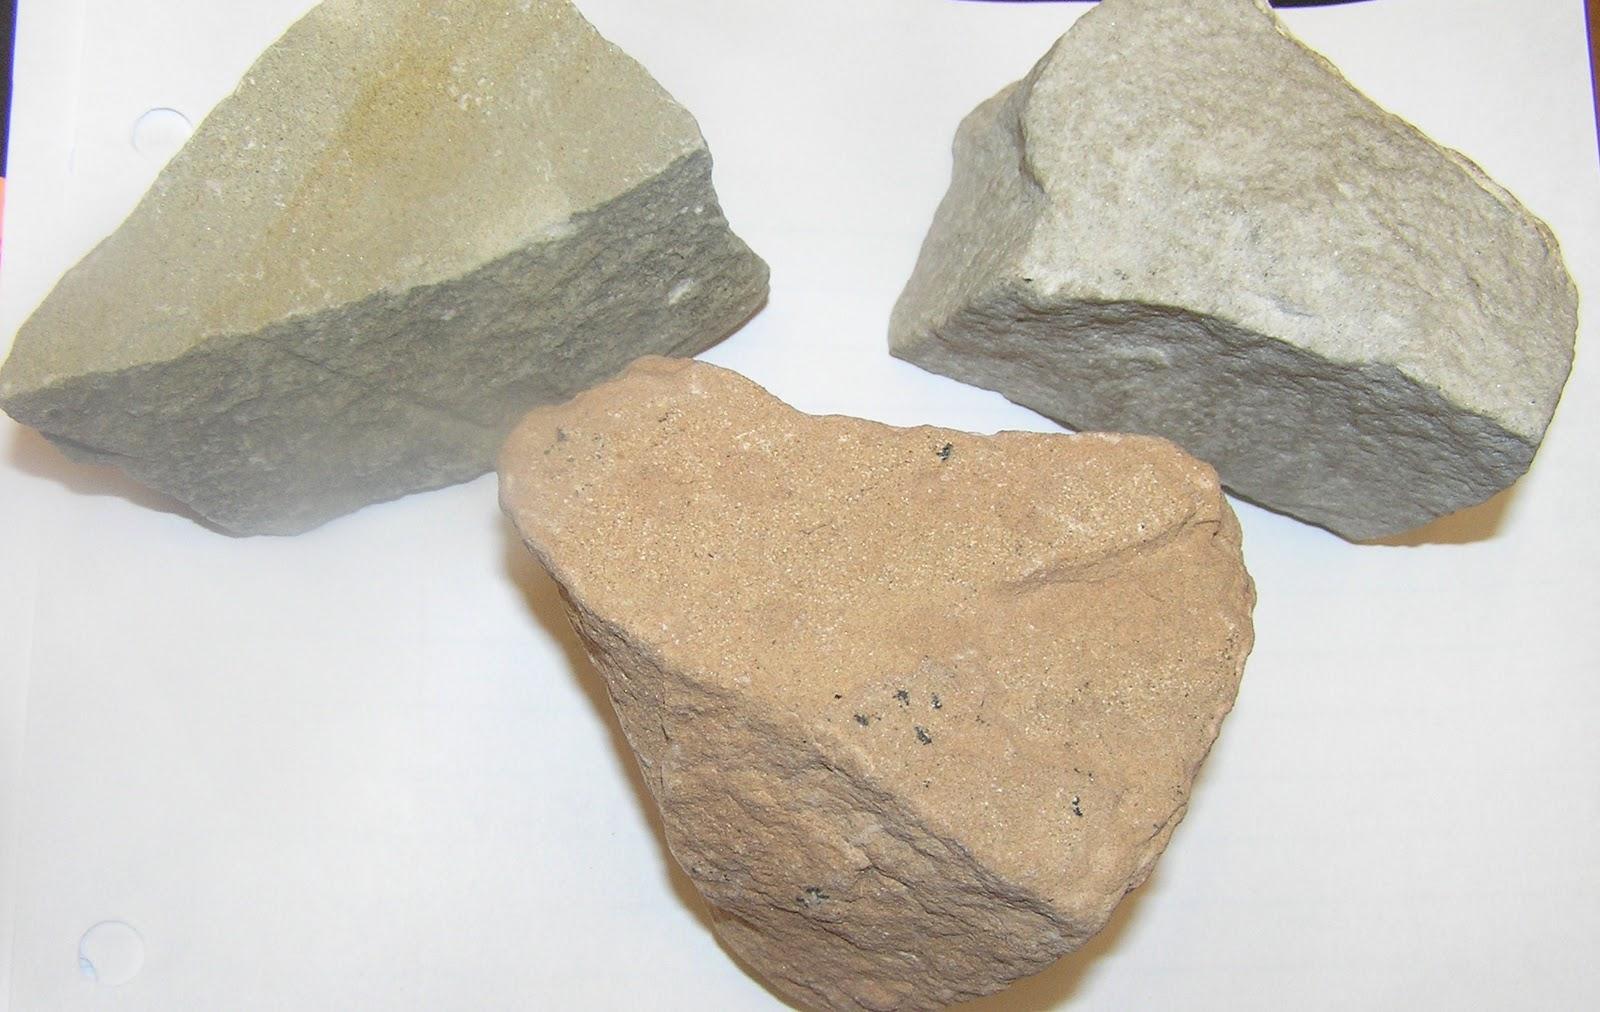 Quartz SandstoneQuartz Sandstone